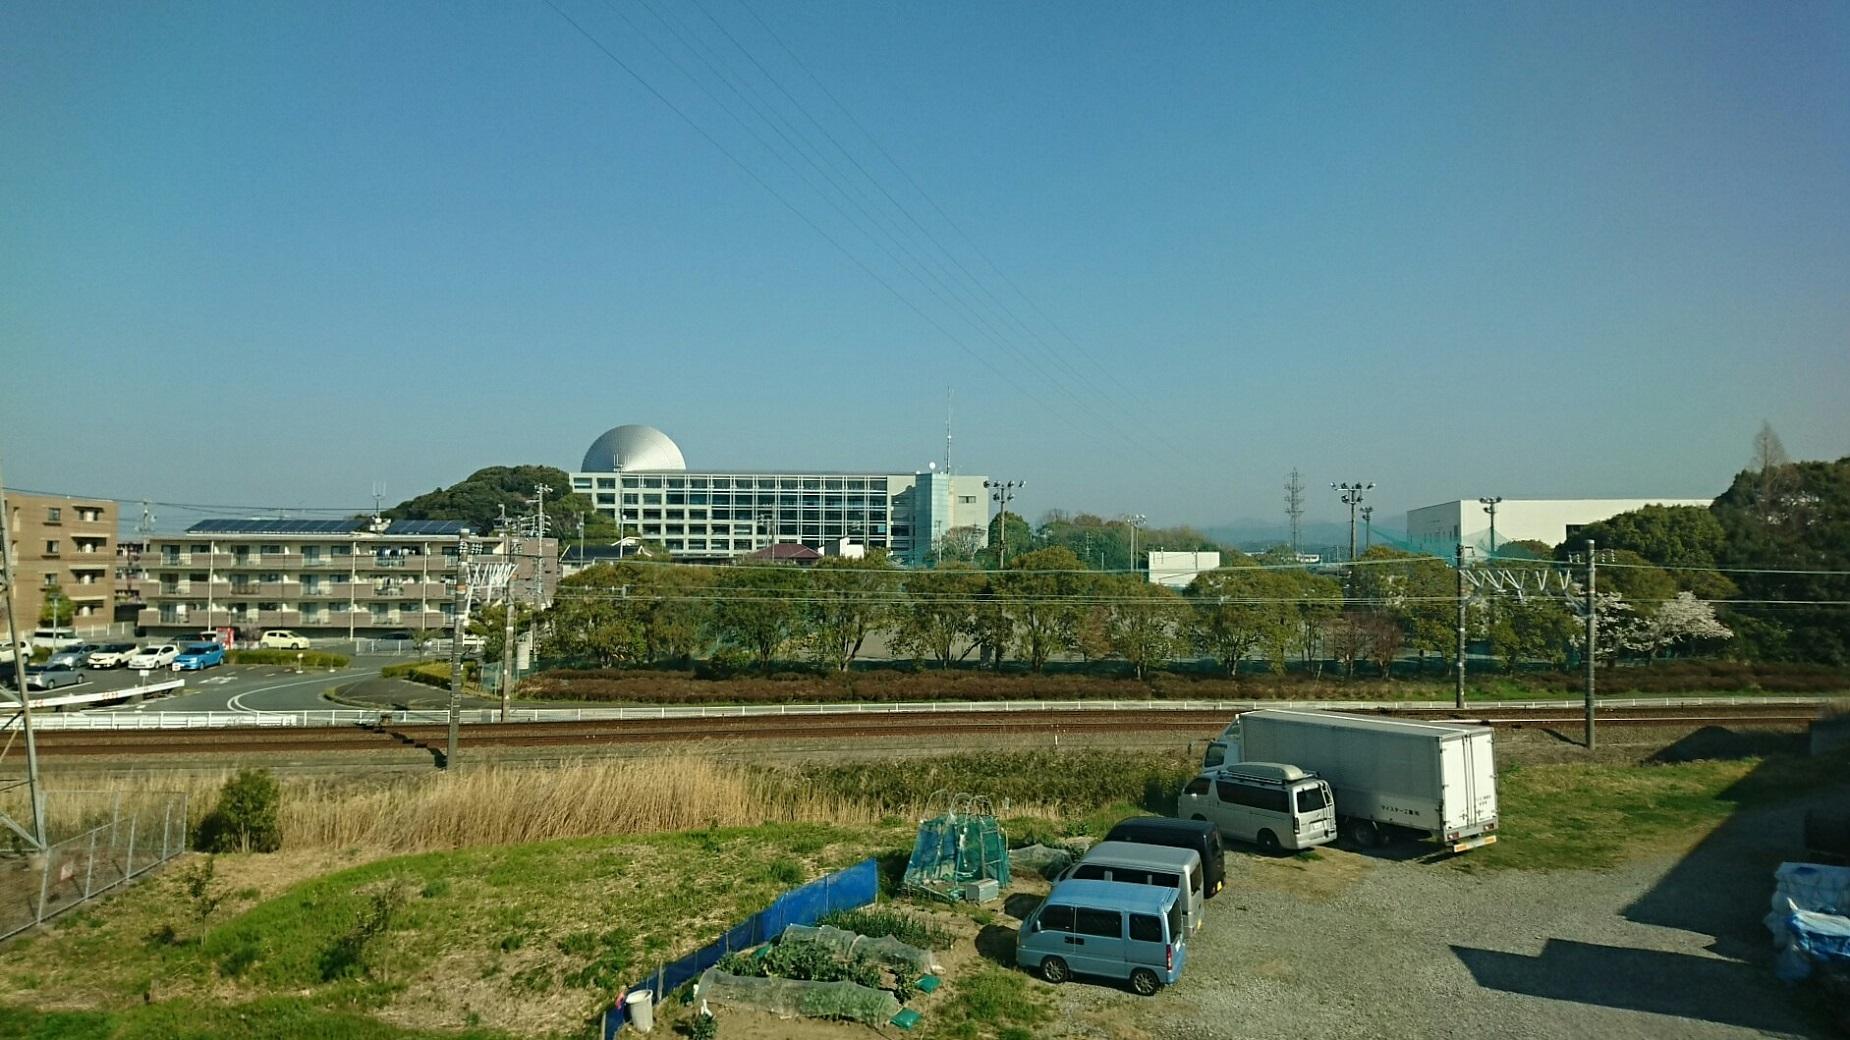 2018.3.28 金谷まで (25) 東京いきこだま - 浜松-掛川間 1850-1040